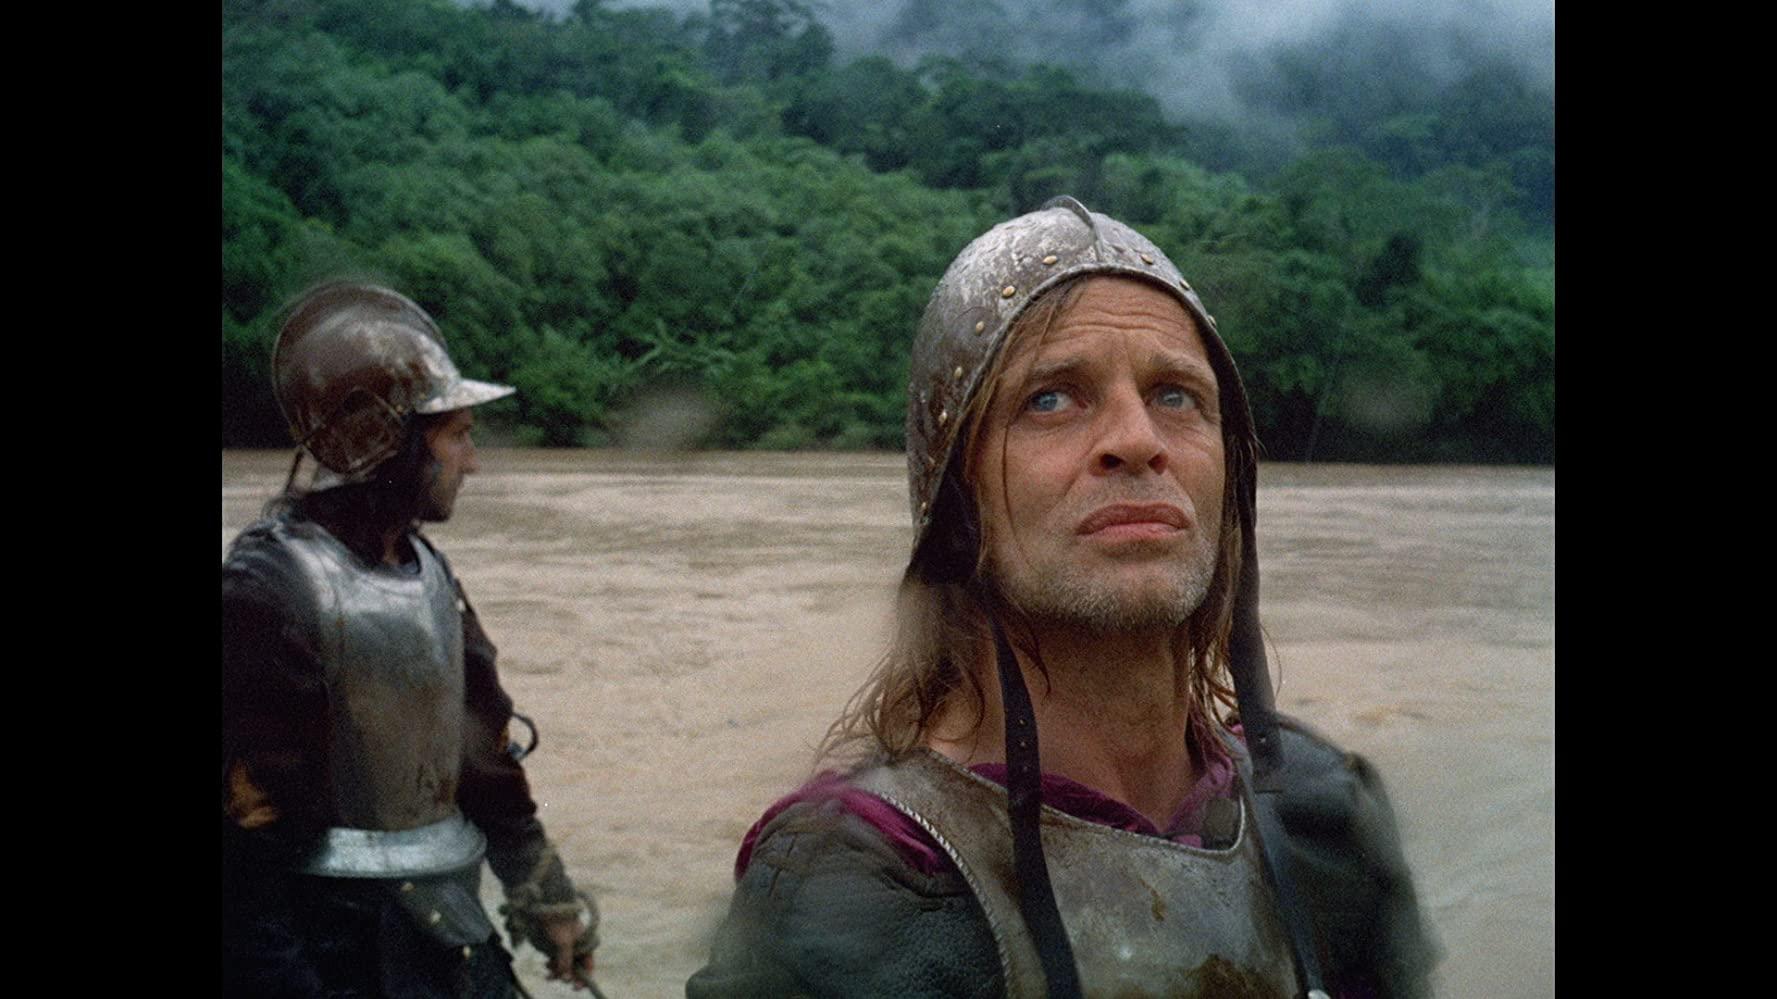 Агирре, гнев божий (Aguirre, der Zorn Gottes) 1972